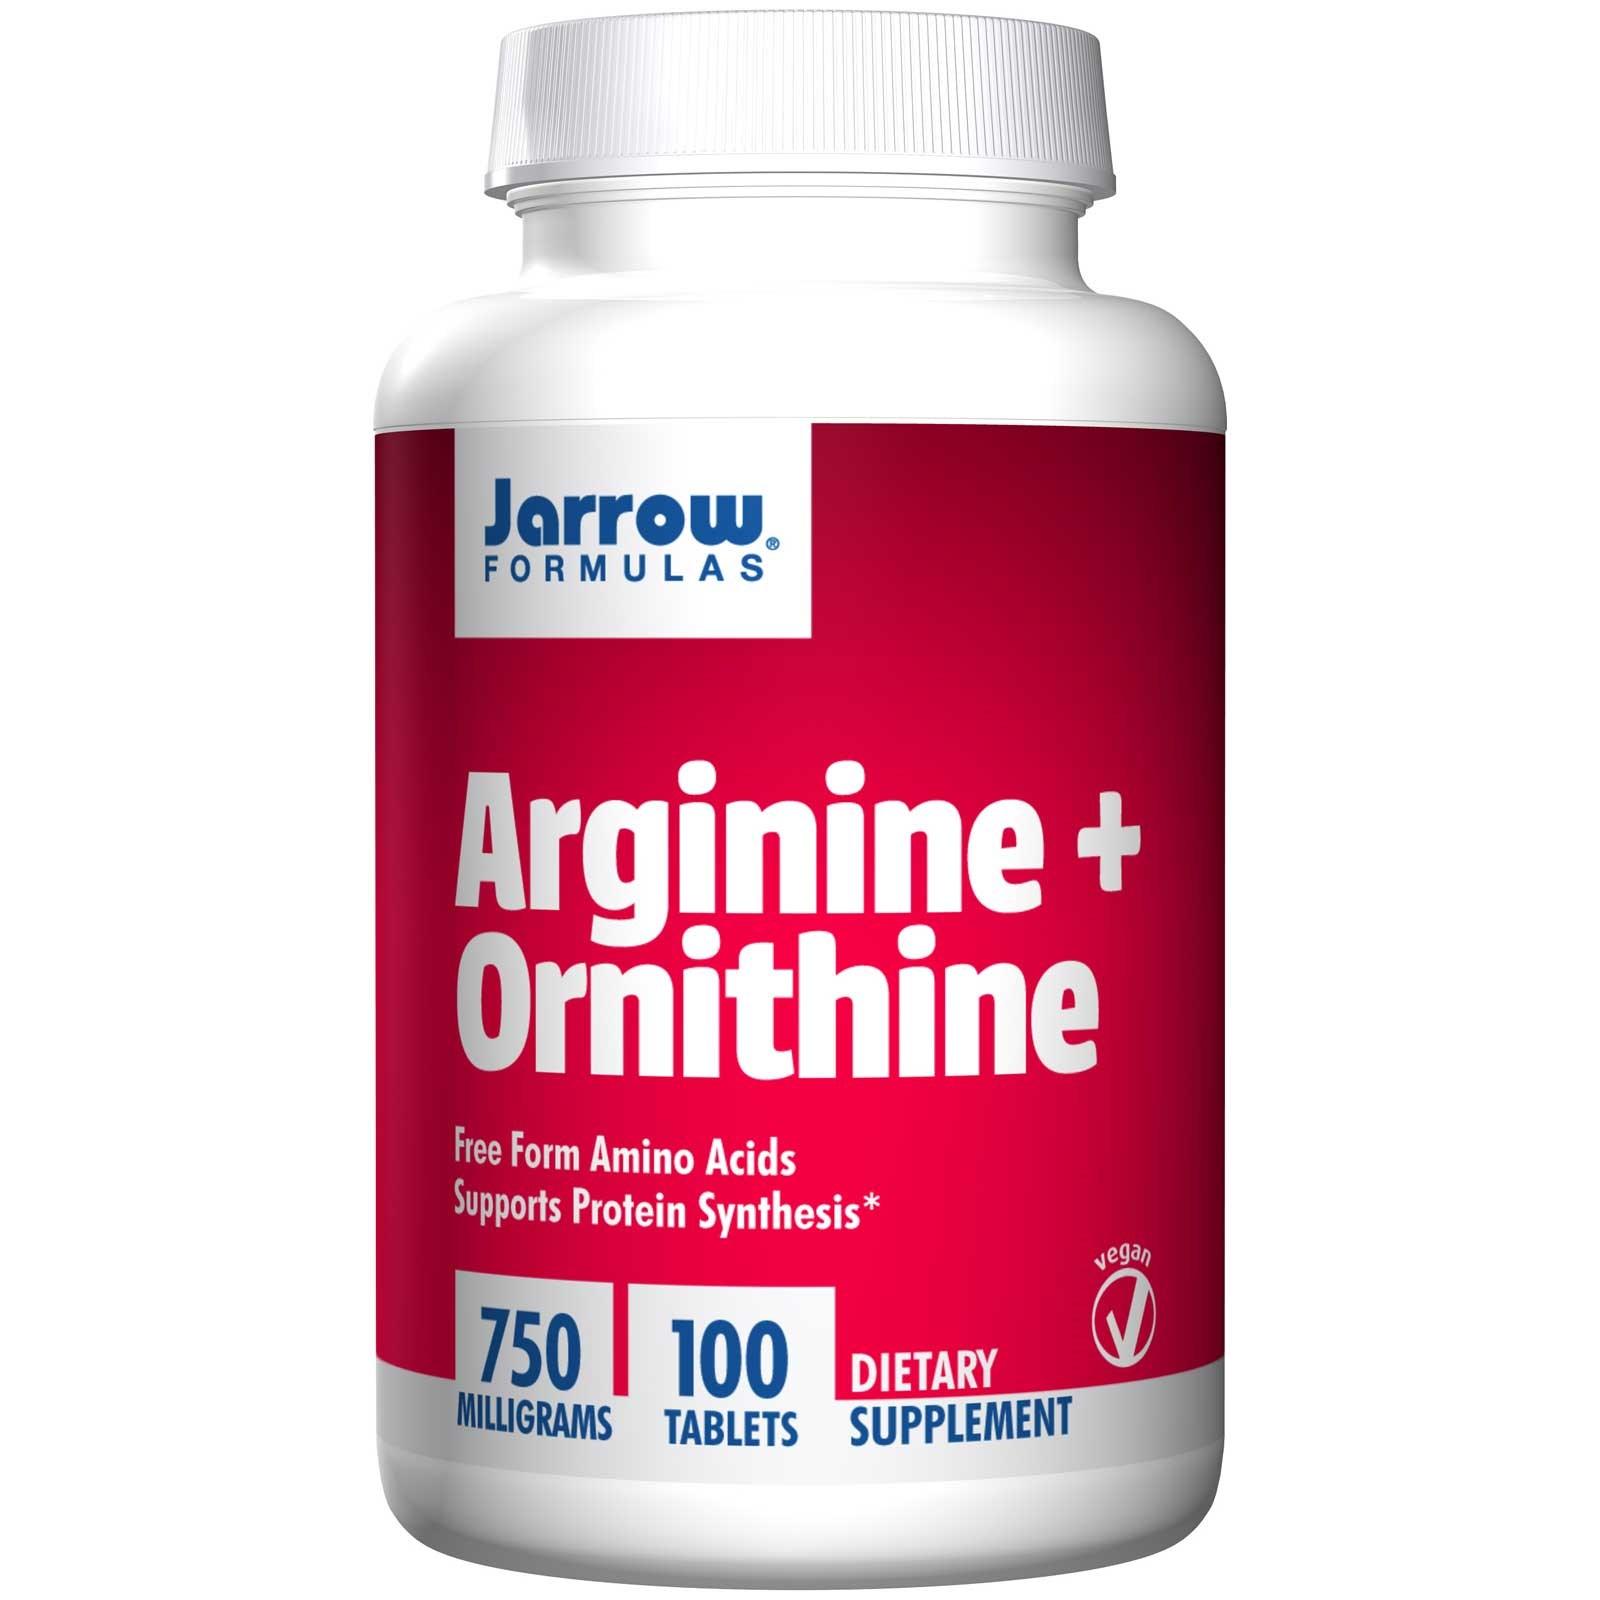 Image of Arginine + Ornithine 750 mg (100 Tablets) - Jarrow Formulas 0790011150411